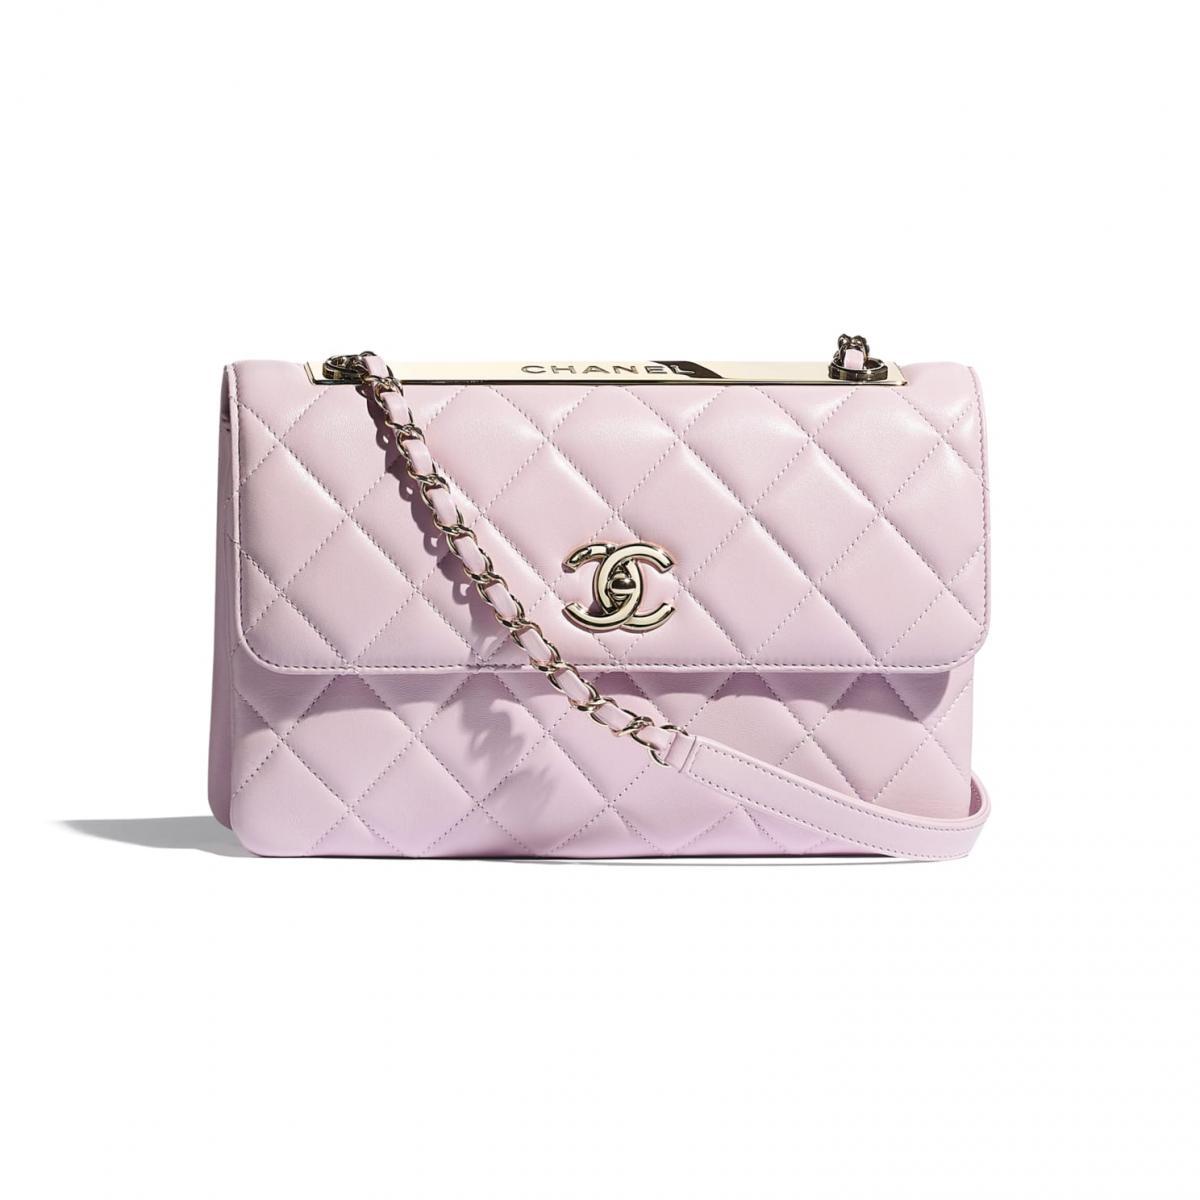 2021年Chanel春夏包包「寶寶粉」推薦這8款!水桶包、圓餅包 、零錢包 .....19口蓋包有錢不一定買的到-3